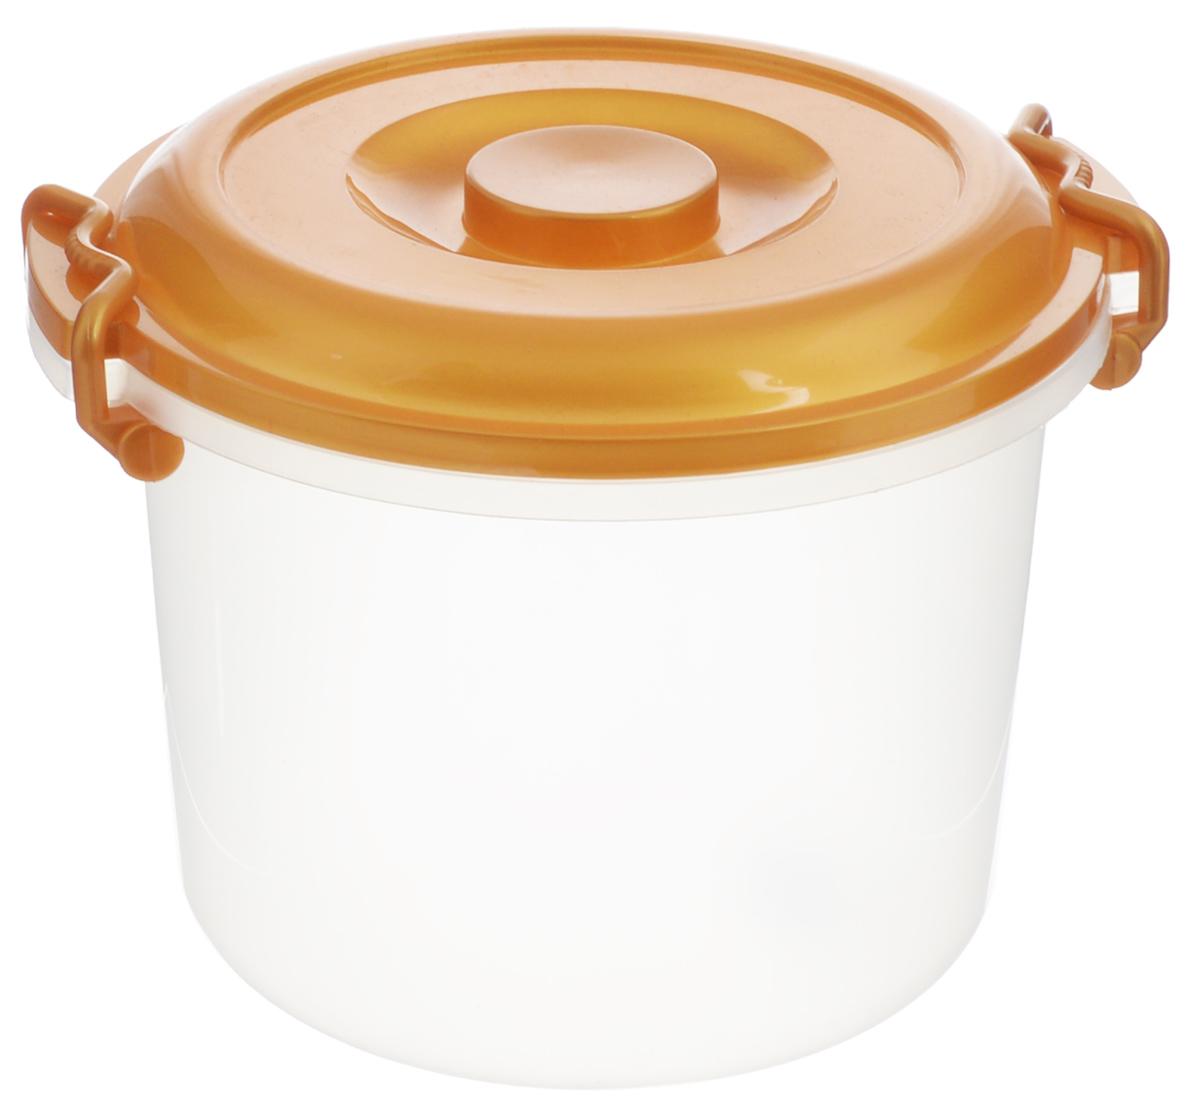 Контейнер Альтернатива, цвет: золотистый, прозрачный, 8 лM098_золотистыйКонтейнер Альтернатива изготовлен из высококачественного пищевого пластика. Изделие оснащено крышкой и ручками, которые плотно закрывают контейнер. Также на крышке имеется ручка для удобной переноски. Емкость предназначена для хранения различных бытовых вещей и продуктов.Такой контейнер очень функционален и всегда пригодится на кухне.Диаметр контейнера (по верхнему краю): 25 см. Высота контейнера (без учета крышки): 21 см. Объем: 8 л.